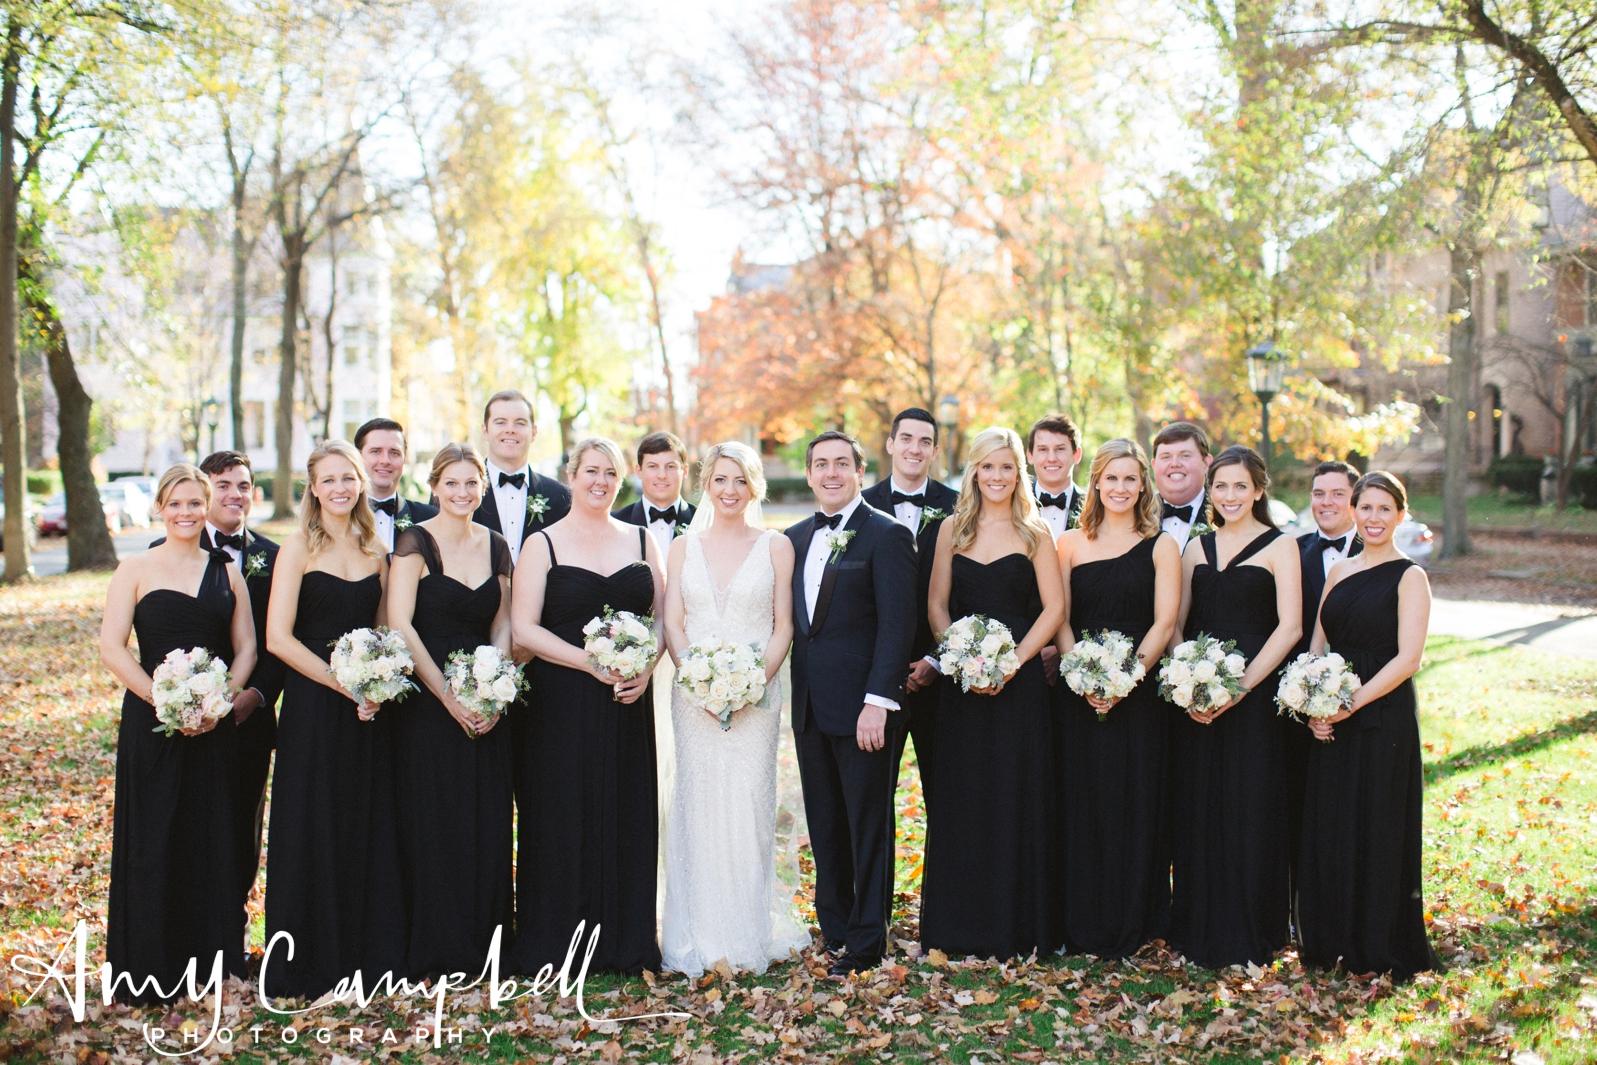 emmakyle_wedding_fb_amycampbellphotography_0025.jpg